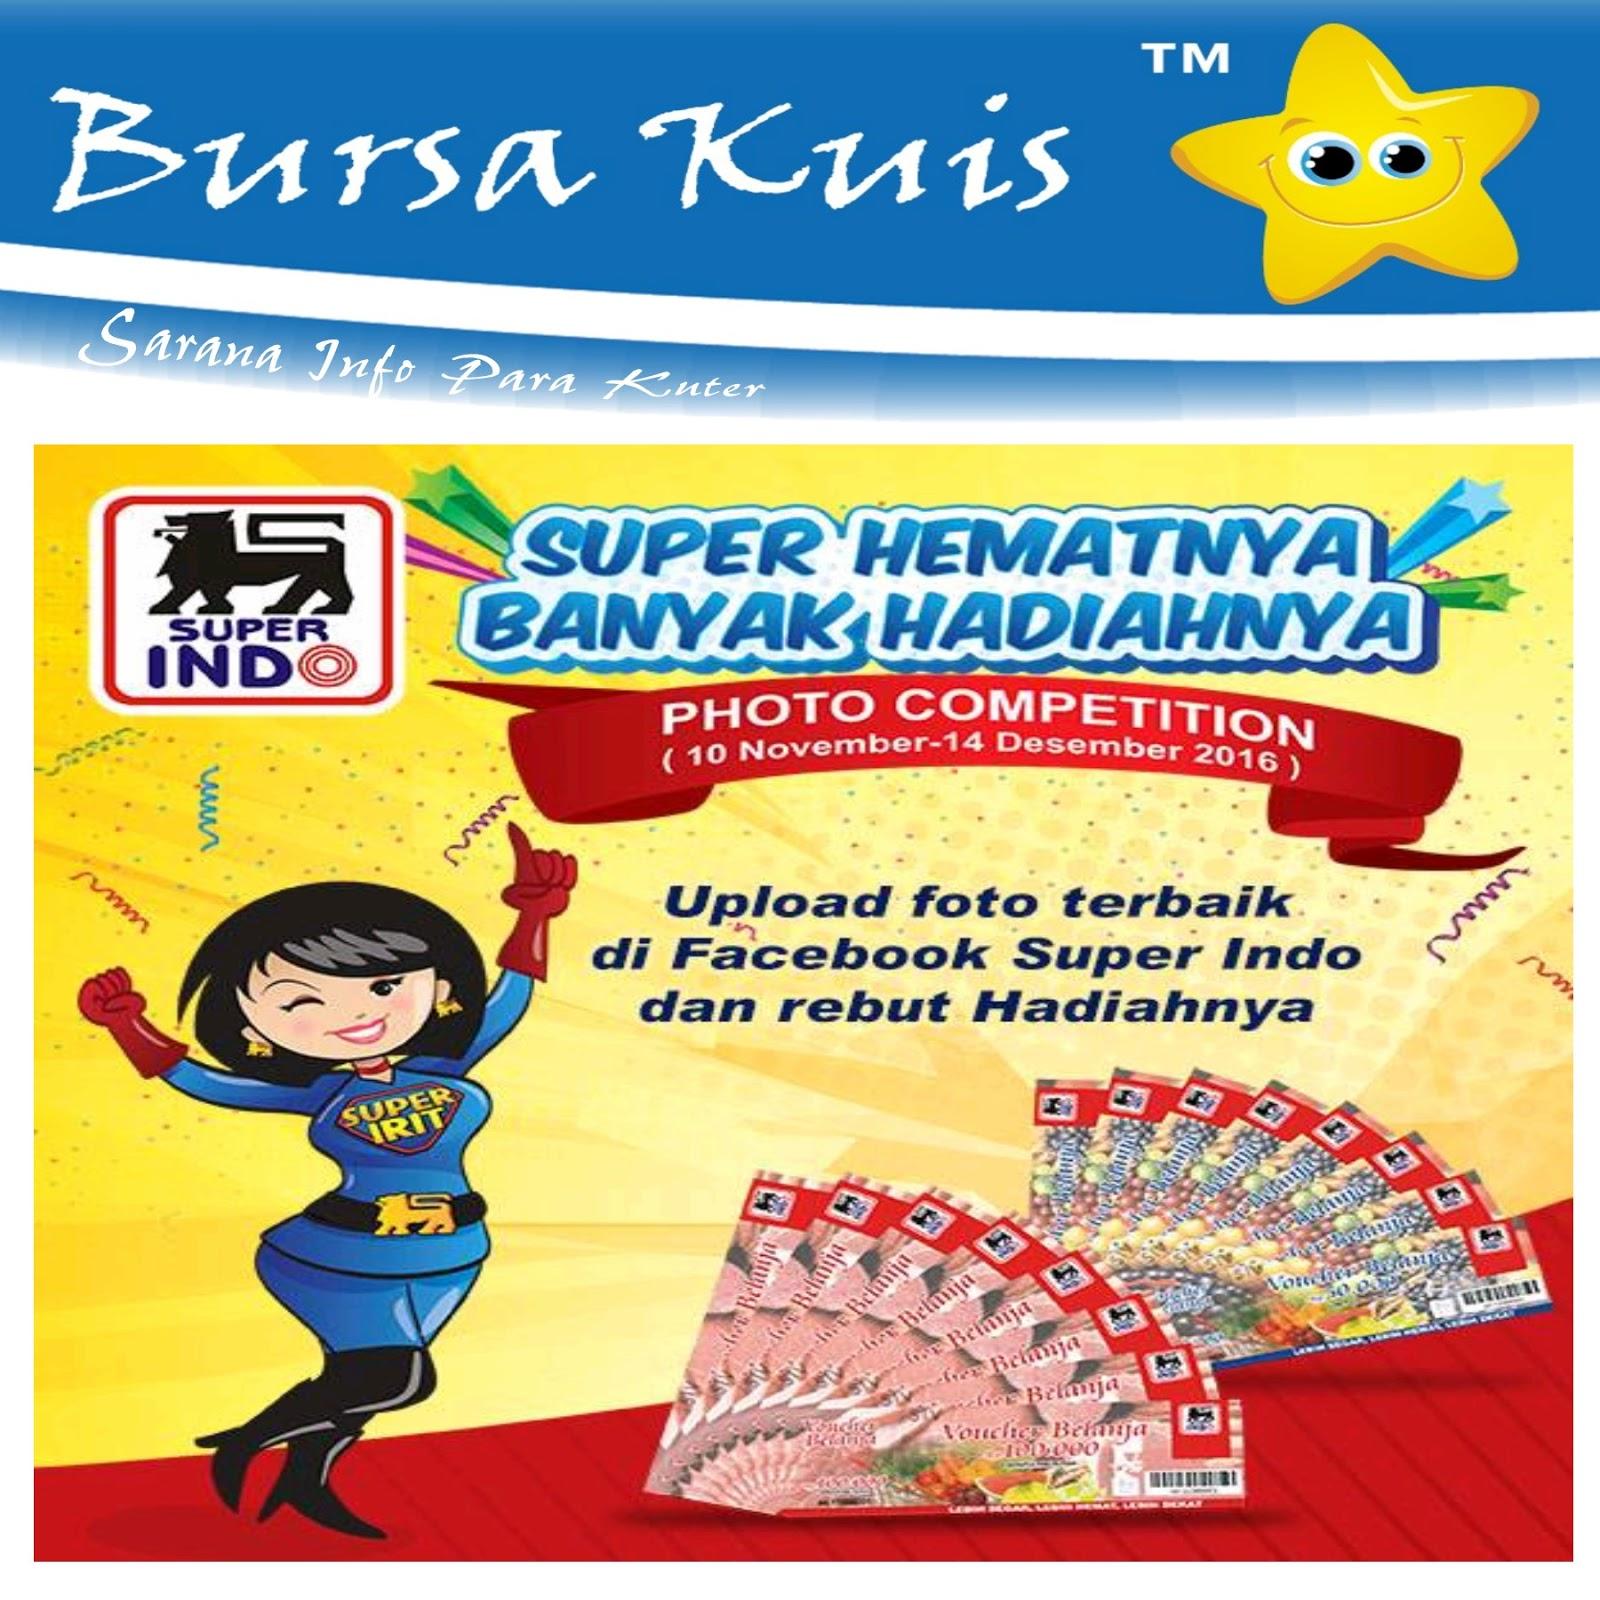 Voucher Superindo Rp 500000 Daftar Harga Terkini Dan Terlengkap 300000 Kontes Foto Super Hero Irit Berhadiah Belanja Gratis